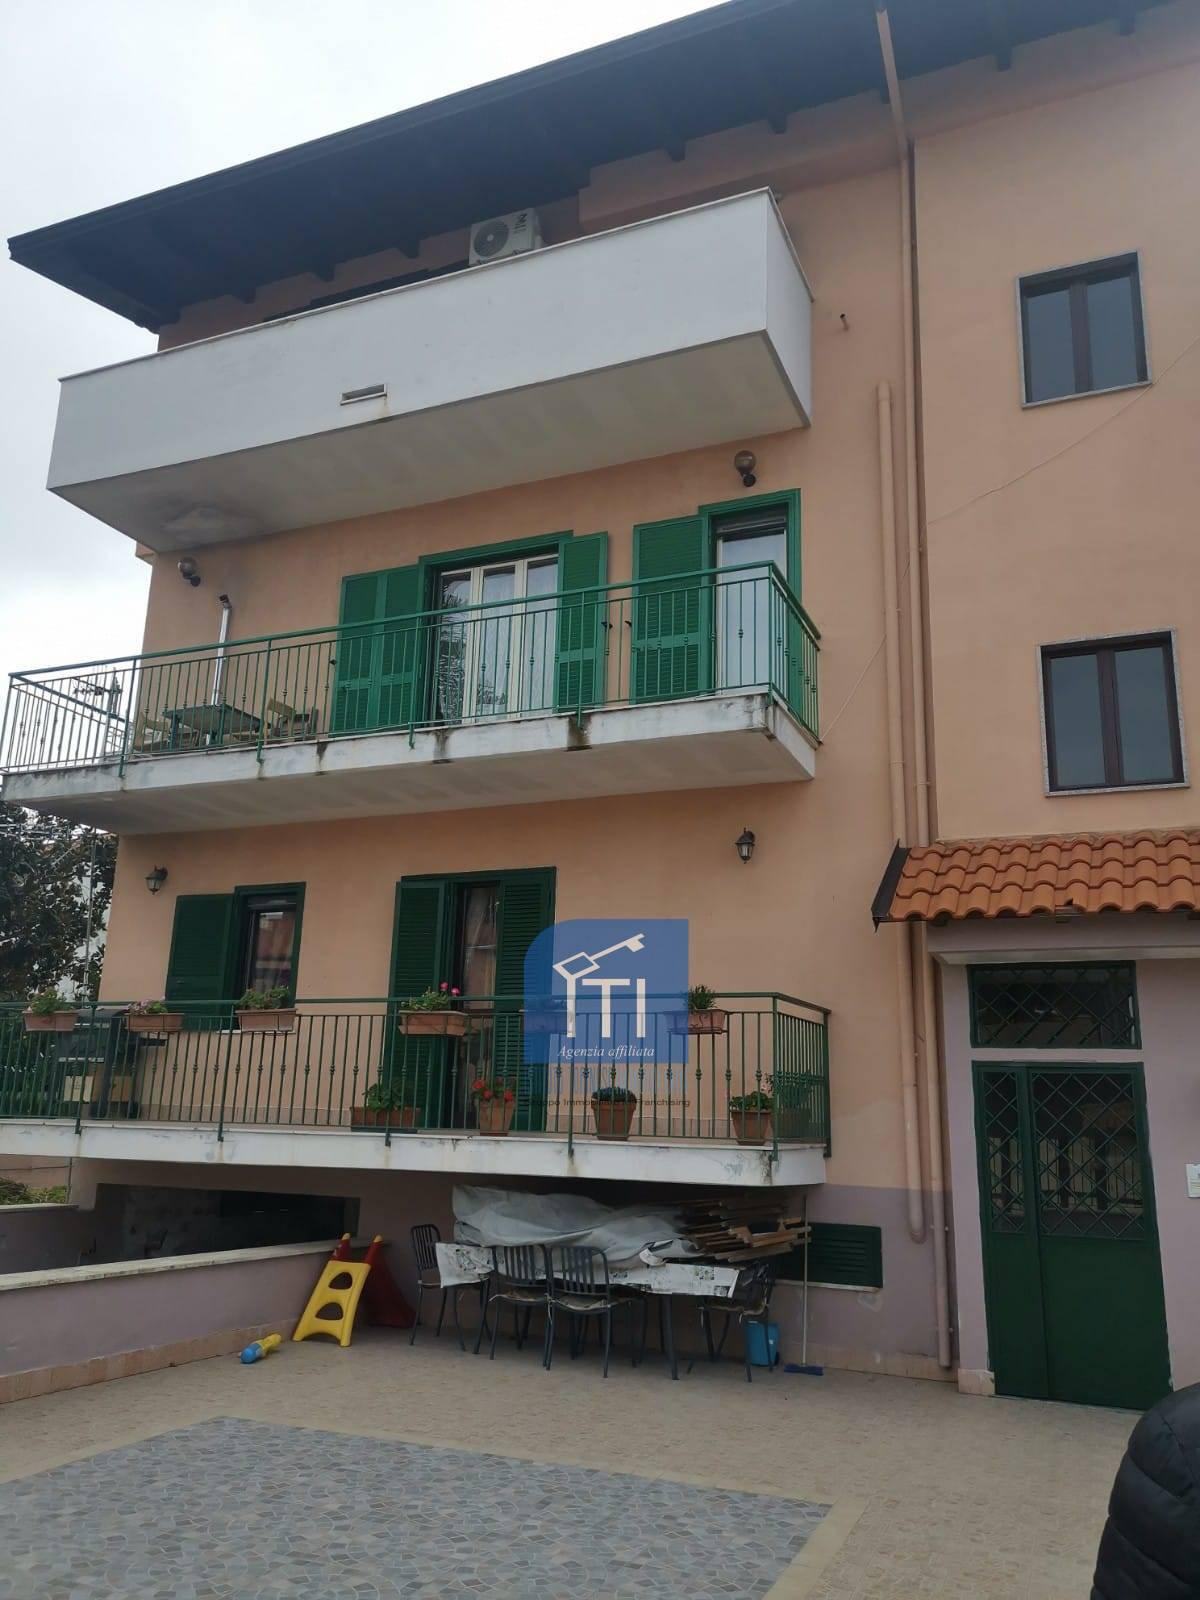 Attico / Mansarda in vendita a Giugliano in Campania, 3 locali, zona la, prezzo € 153.000 | PortaleAgenzieImmobiliari.it